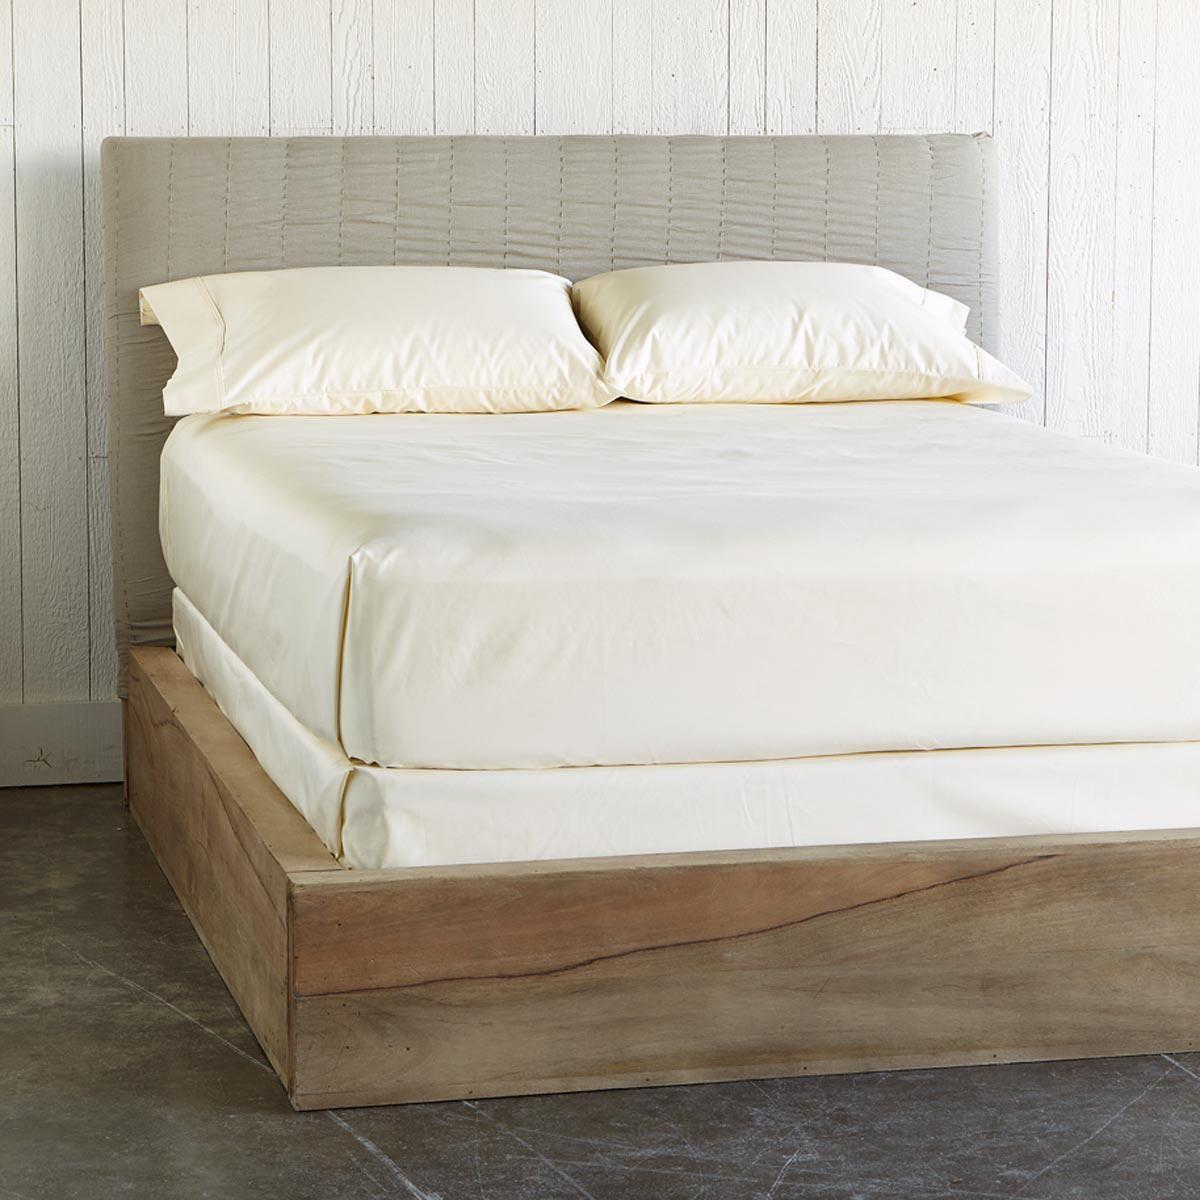 Olee Sleep Heavy Duty Steel Slat Bed Frame T